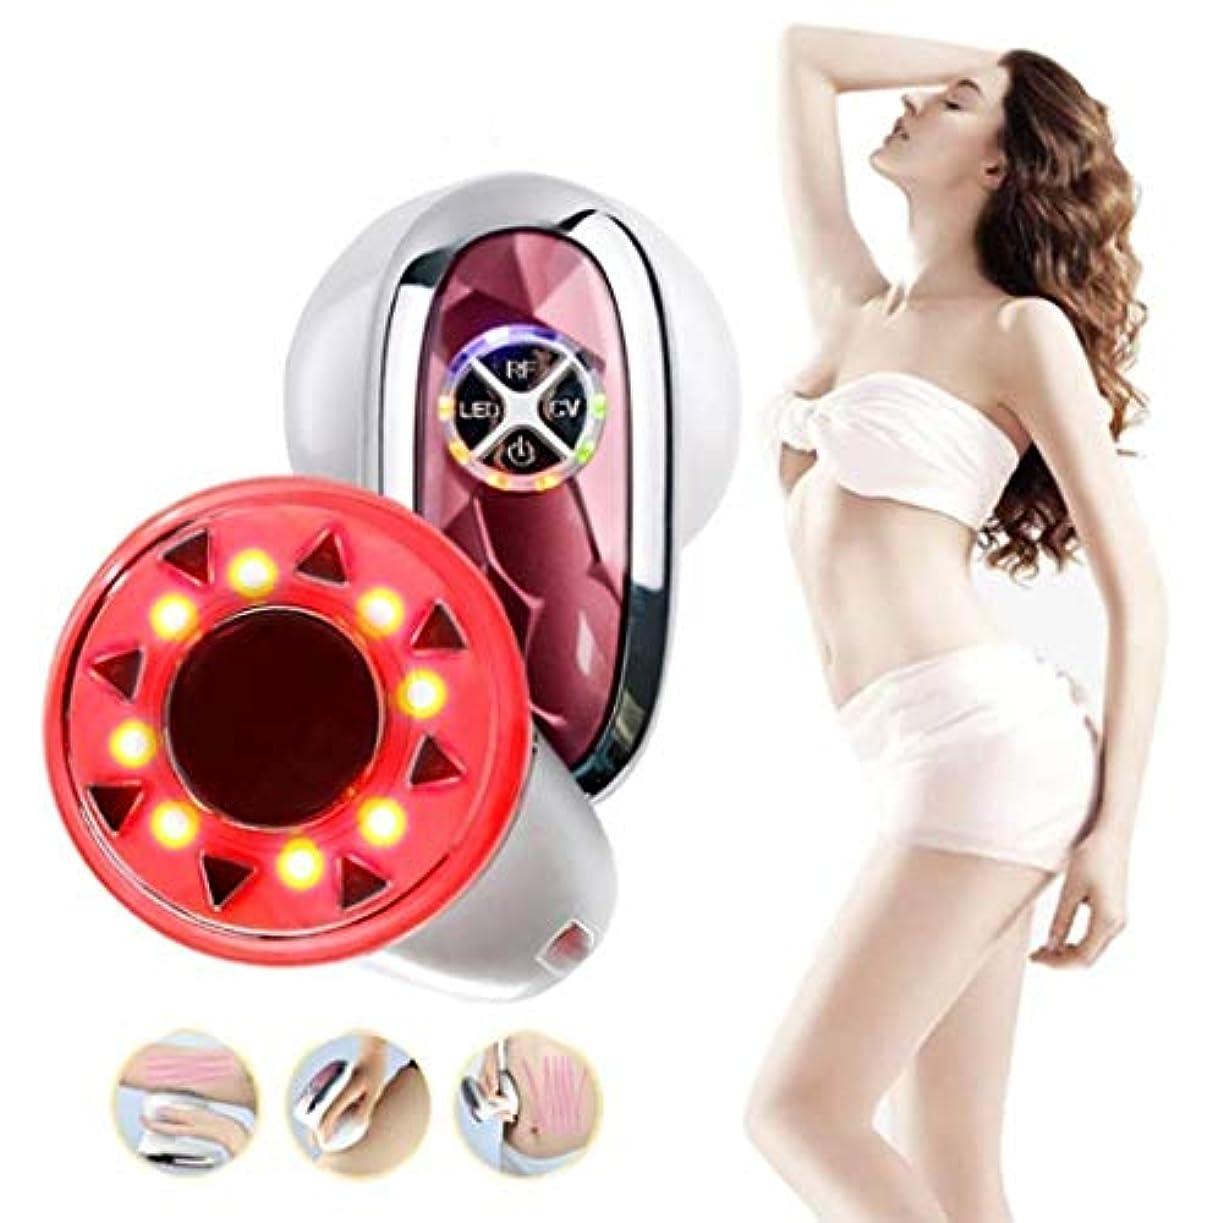 概してヘクタール変更電気減量機、4-1 - ラジオ周波数マッサージ器、体の腹部、腰、脚、お尻、ボディマッサージ器、スキンケア機器